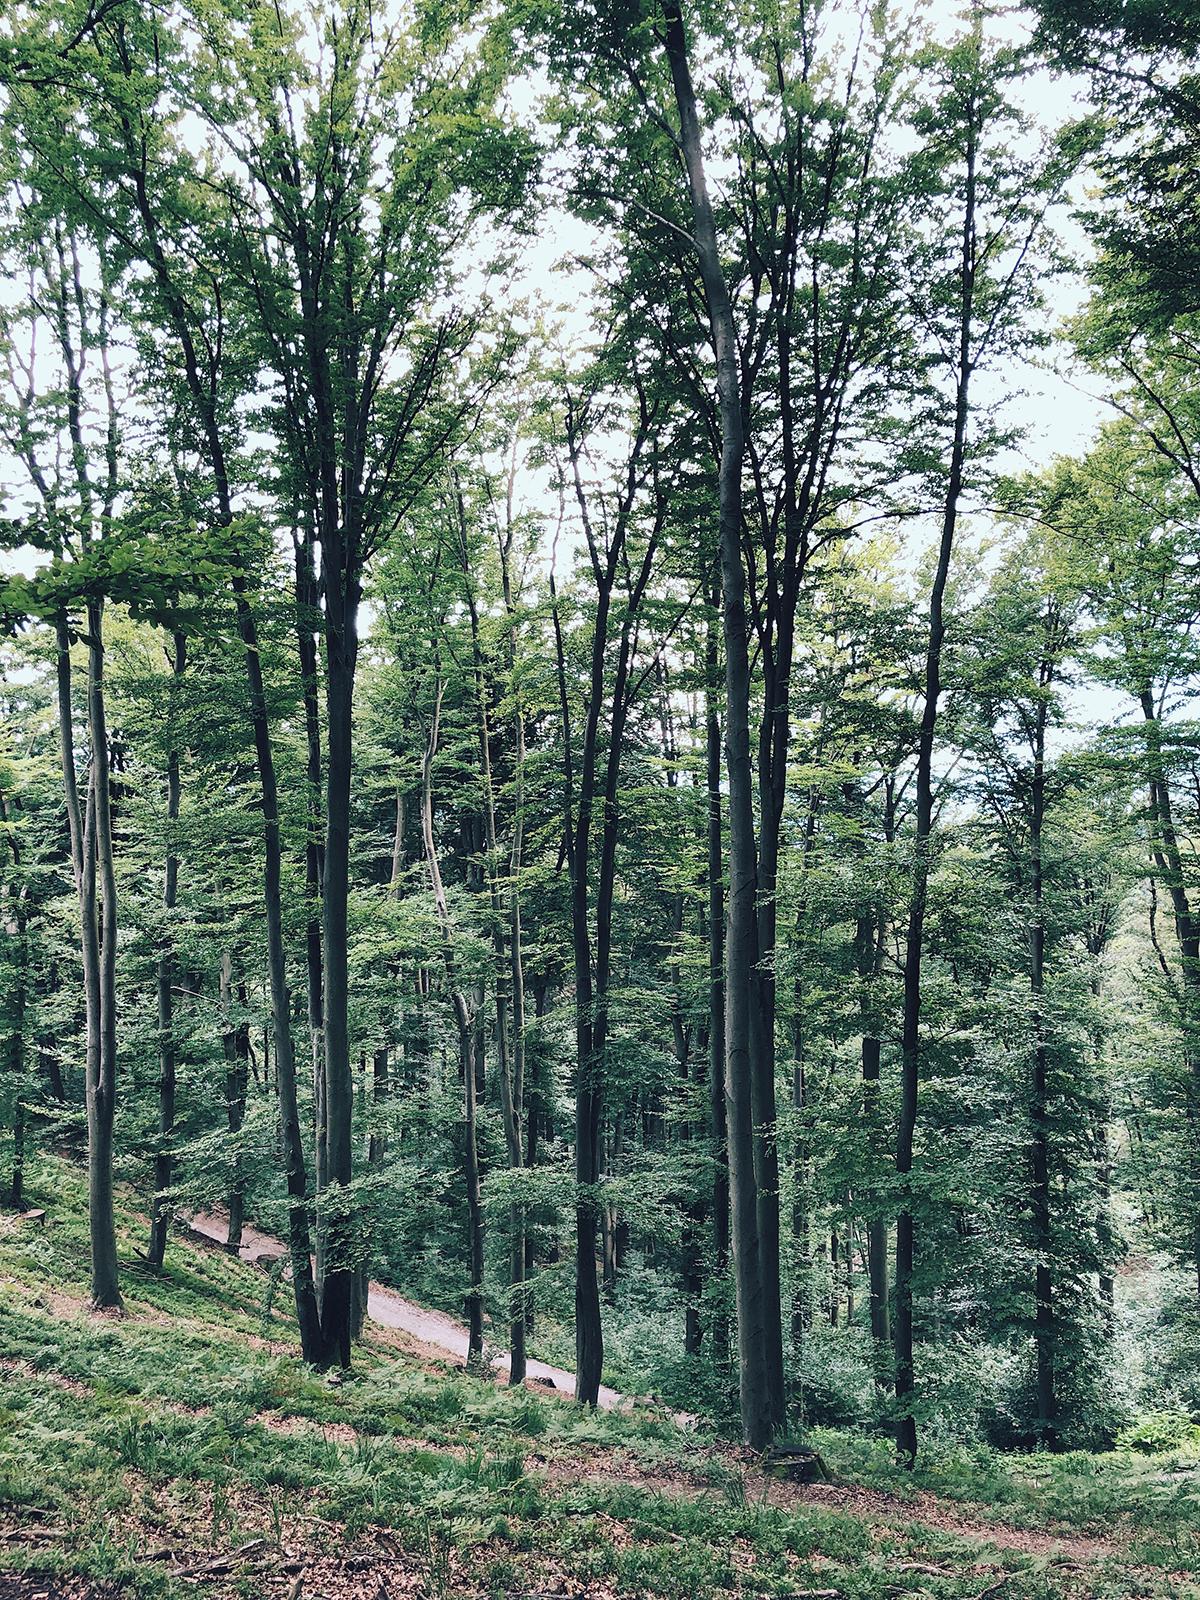 ohranimo-naravo-čisto-in-neokrnjeno-lili-in-roza-blog-skrb-za-okolje-gozd-9.JPG